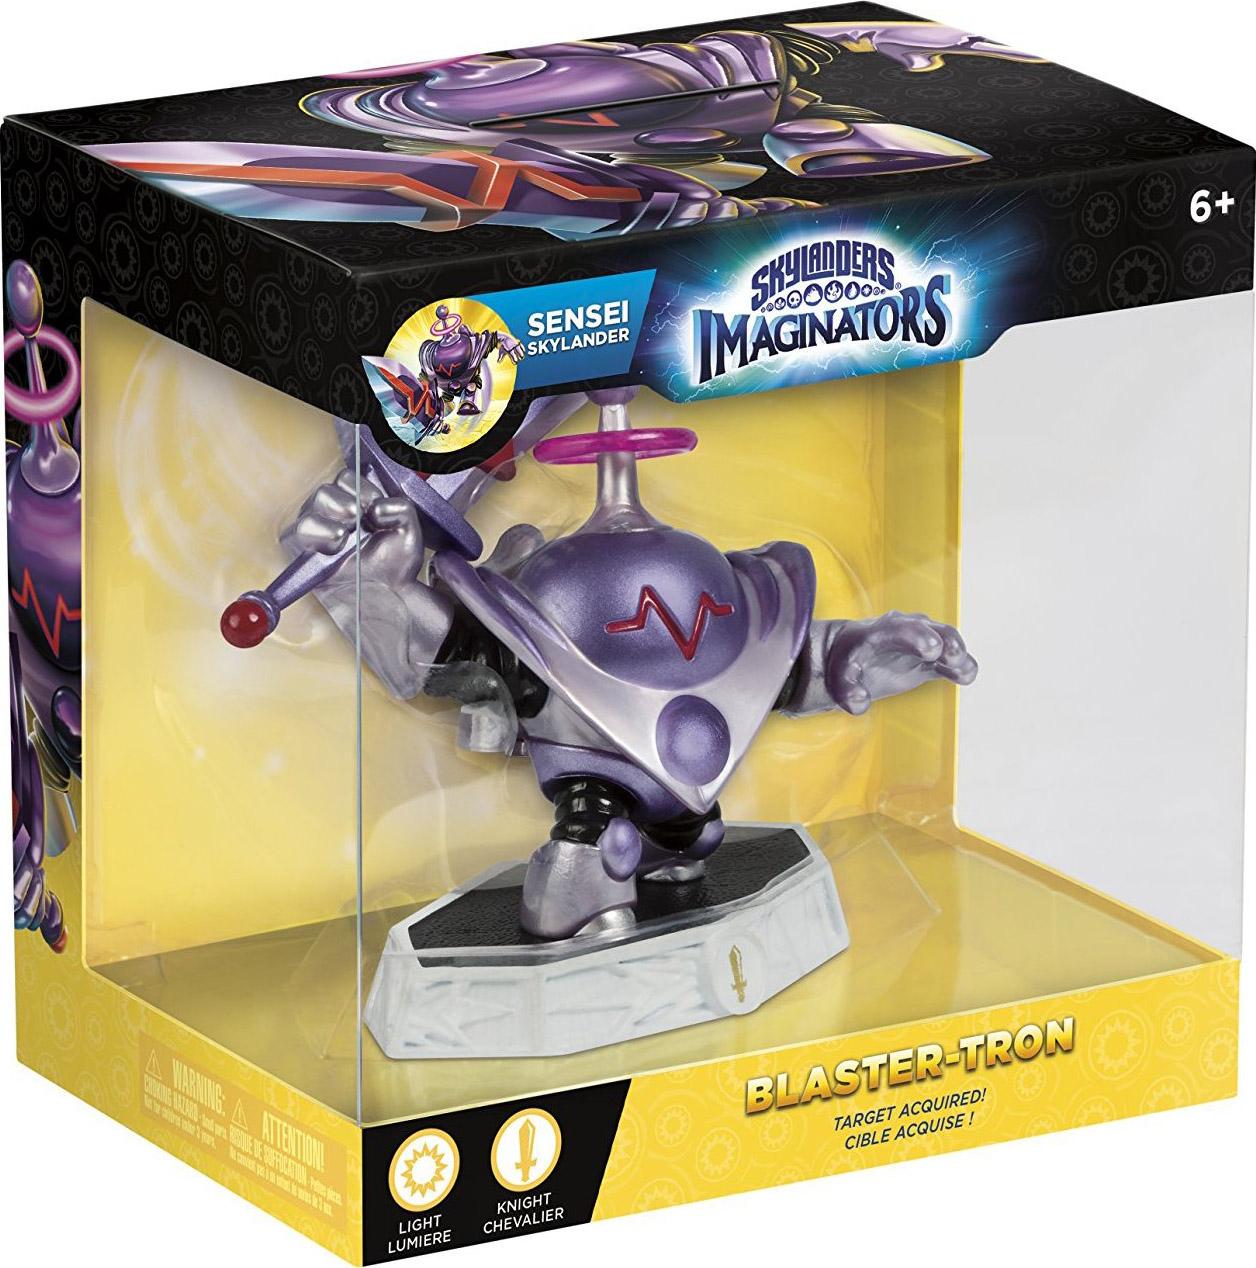 Skylanders Imaginators: Интерактивная фигурка Сэнсэй Blaster-Tron (стихия Light)Blaster-Tron &amp;ndash; это не просто сверхсовременная технология &amp;ndash; он буквально из будущего. Когда Skylanders отправились в путешествие во времени, чтобы остановить Wolfgang, они вернулись с роботом надеясь, что смогут изучить его технологию. Эон сразу заметил, что у него есть переключатель «Добрый / Злой», который был установлен на «Зло». После того, как механизм переключили на «Хорошо», Blaster-Tron преобразовался.<br>